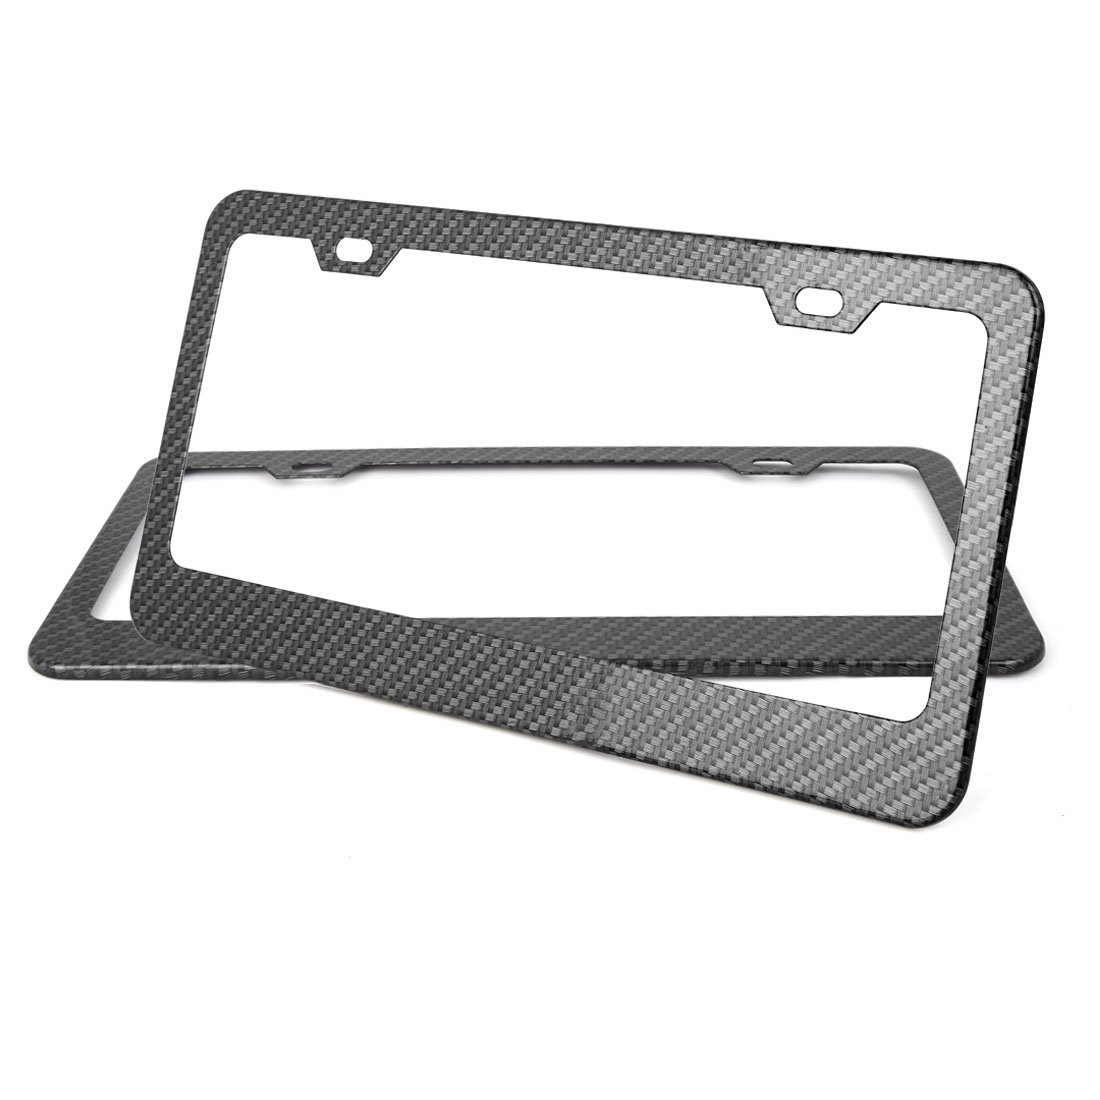 X AUTOHAUX 2Pcs Carbon Fiber Style Car 4 Hole License Plate Frame Holder w//Screw Caps